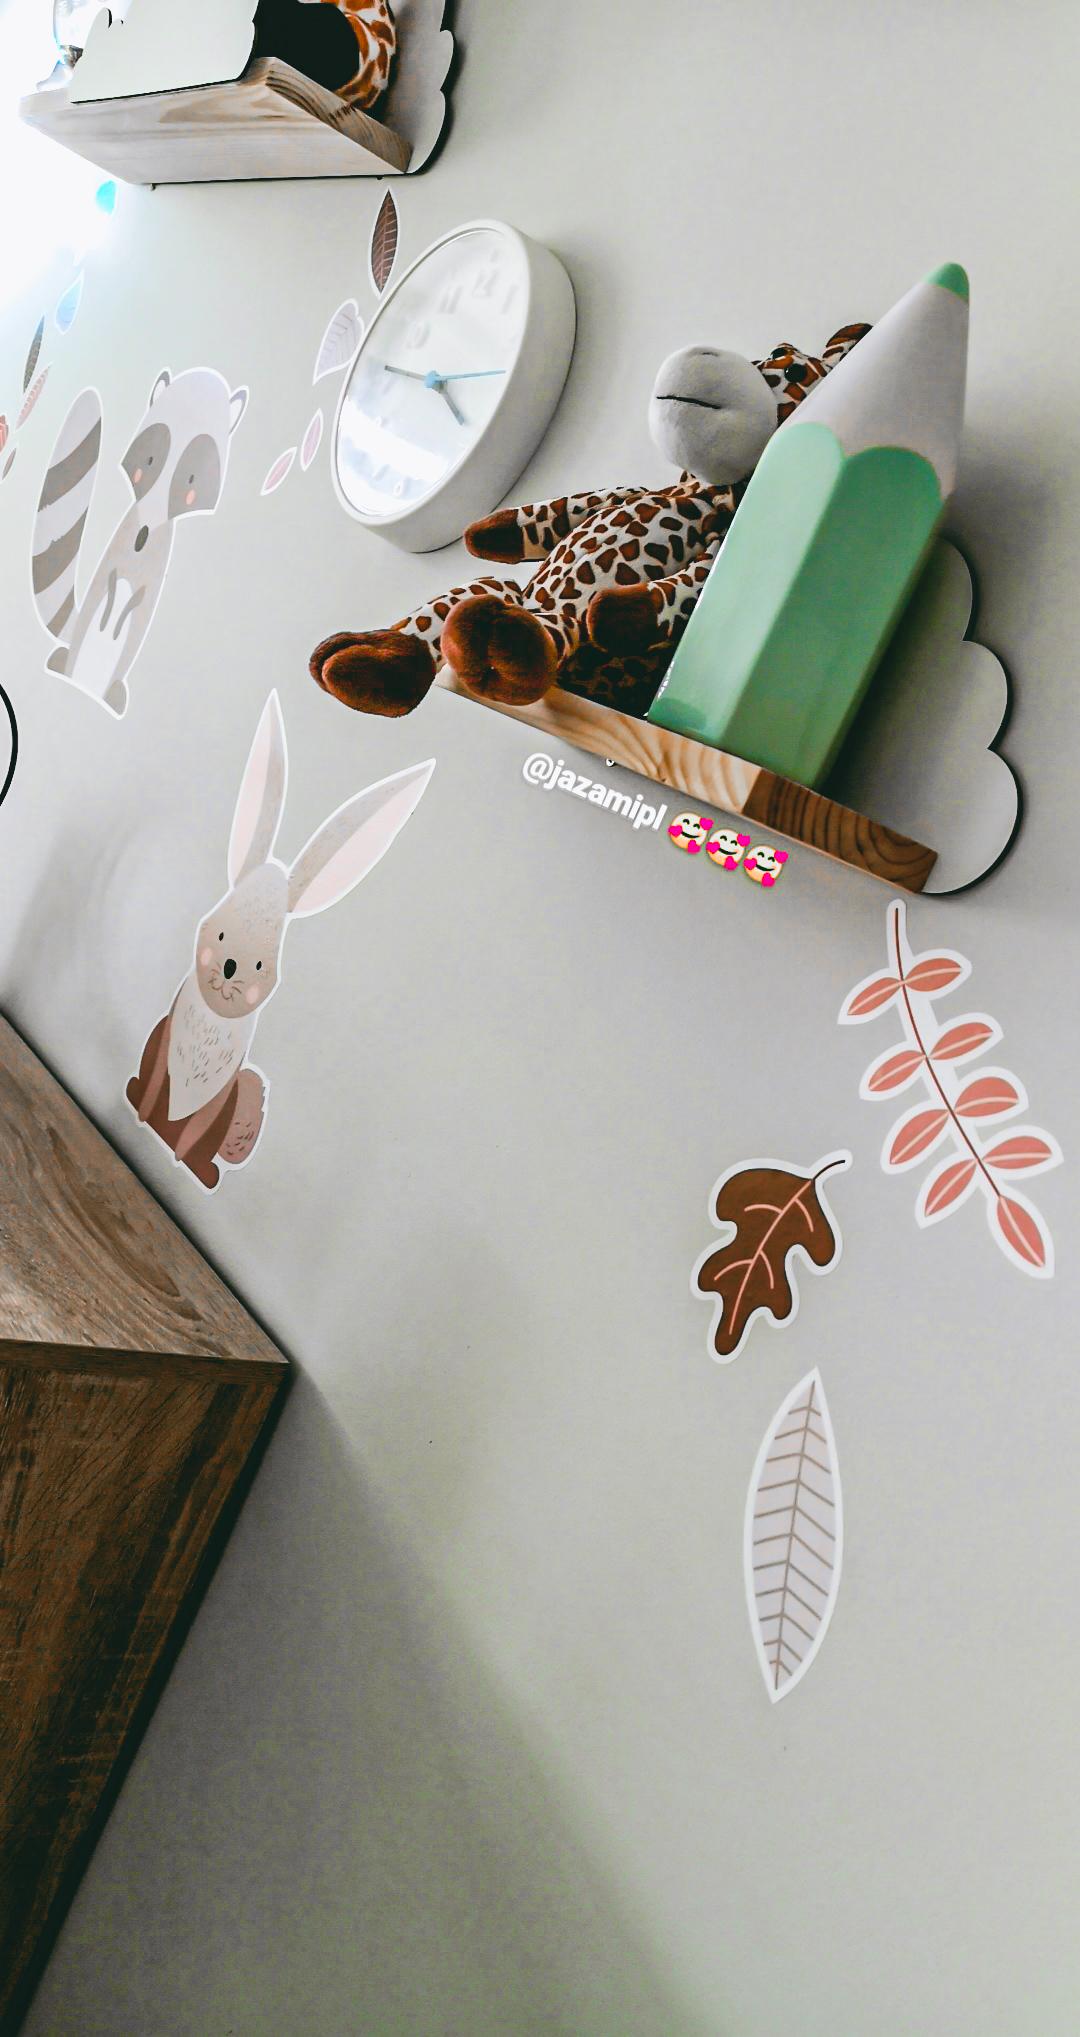 naklejki dekoracyjne naścianę